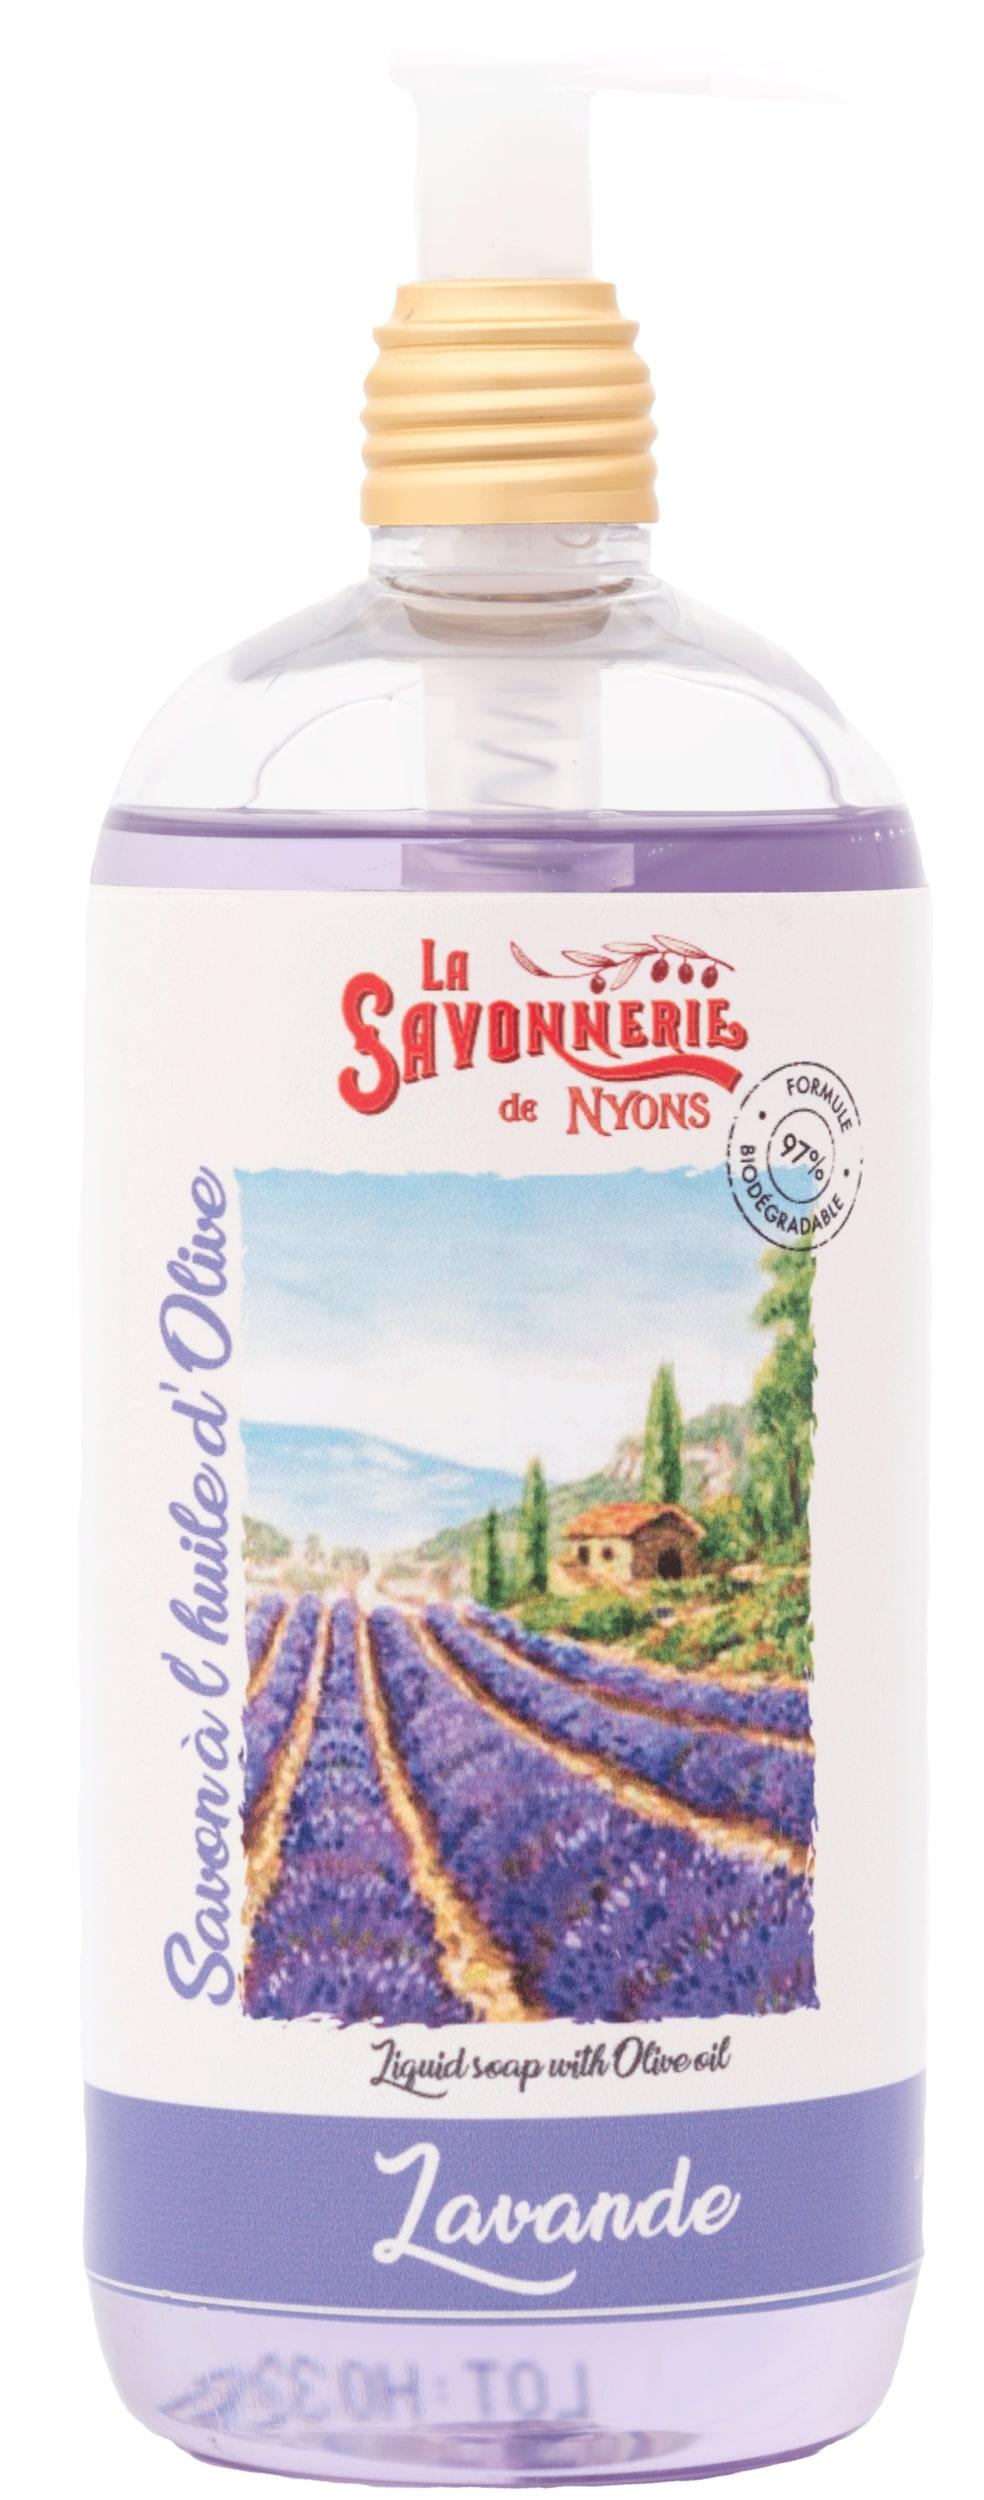 Flüssigseife mit Dosierpumpe 500ml - Lavendel